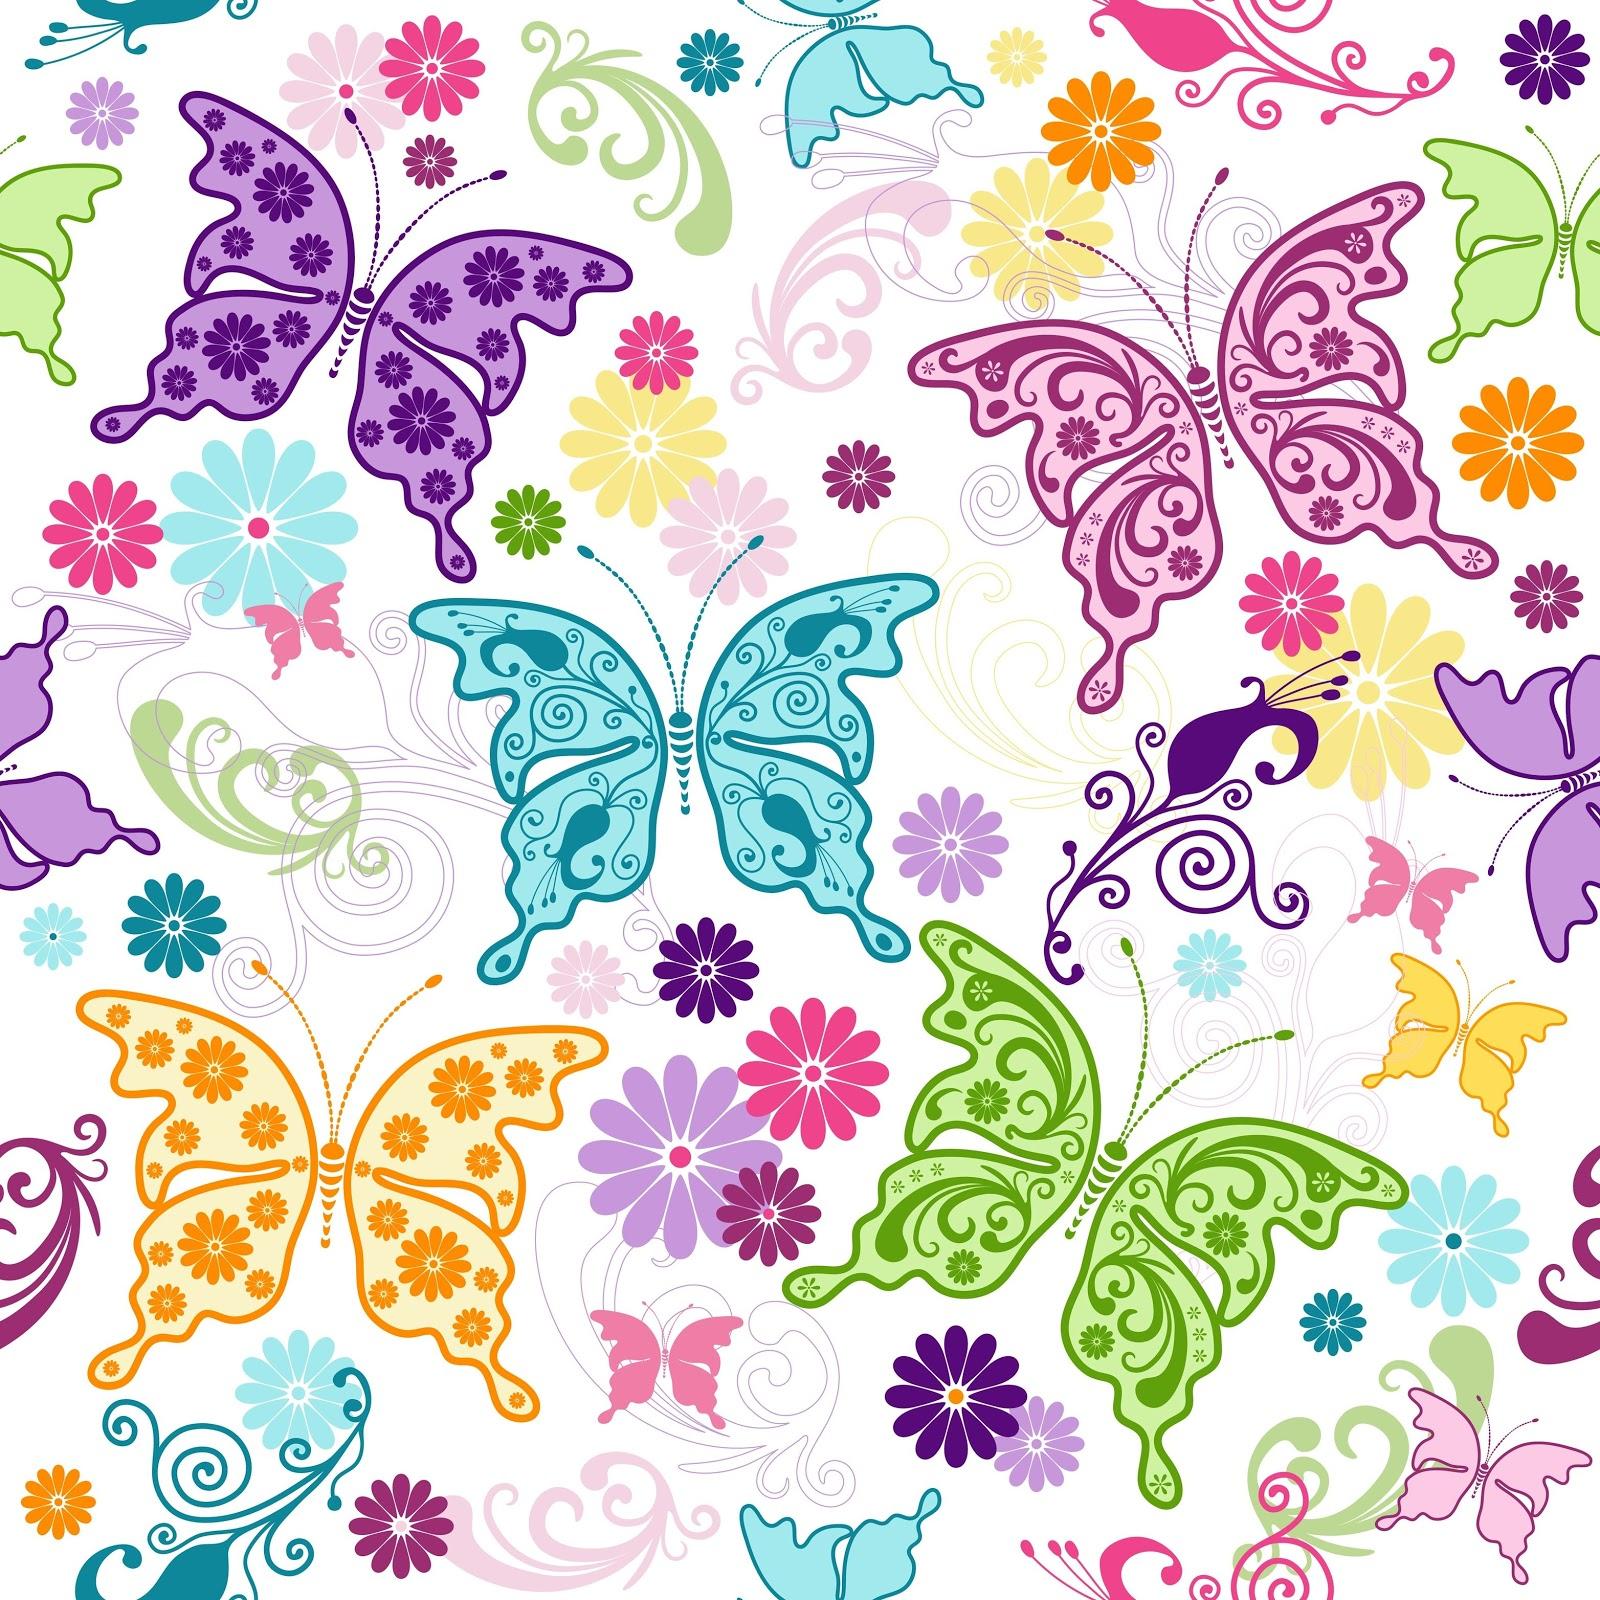 Imprimibles y fondos gratis de mariposas ideas y - Plantillas decorativas infantiles ...